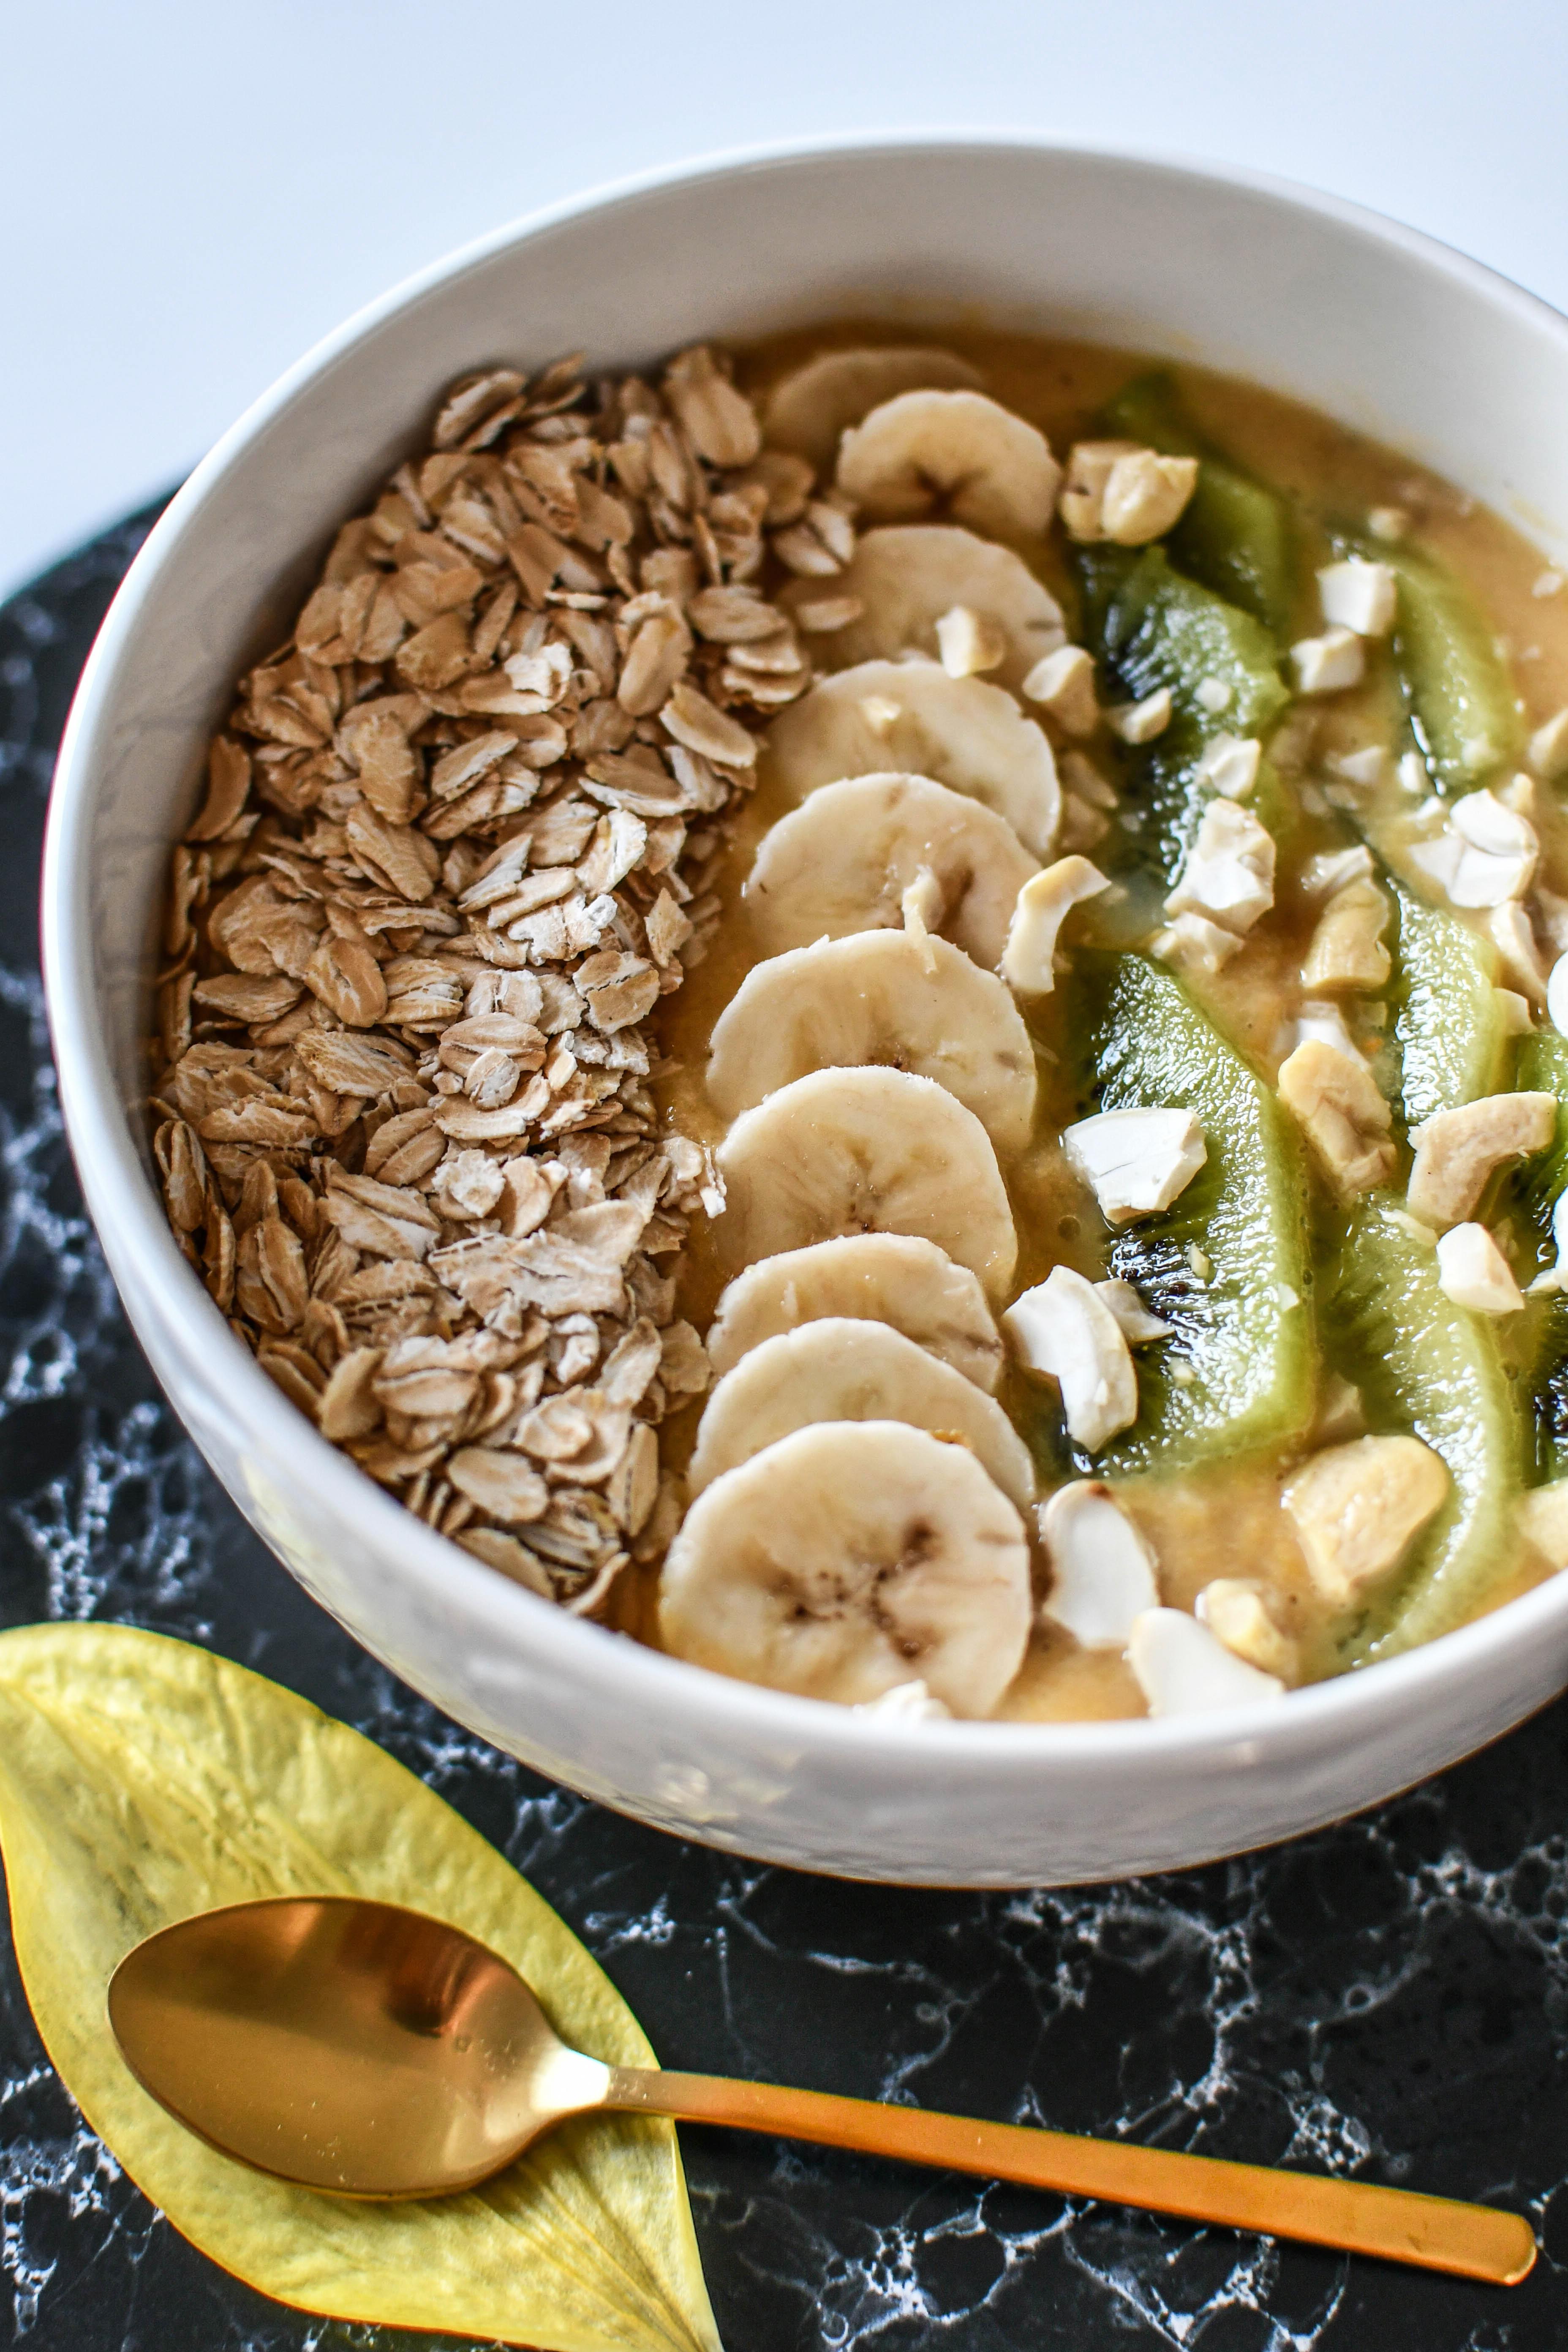 Smoothiebowl mit Banane, Apfel und Kiwi